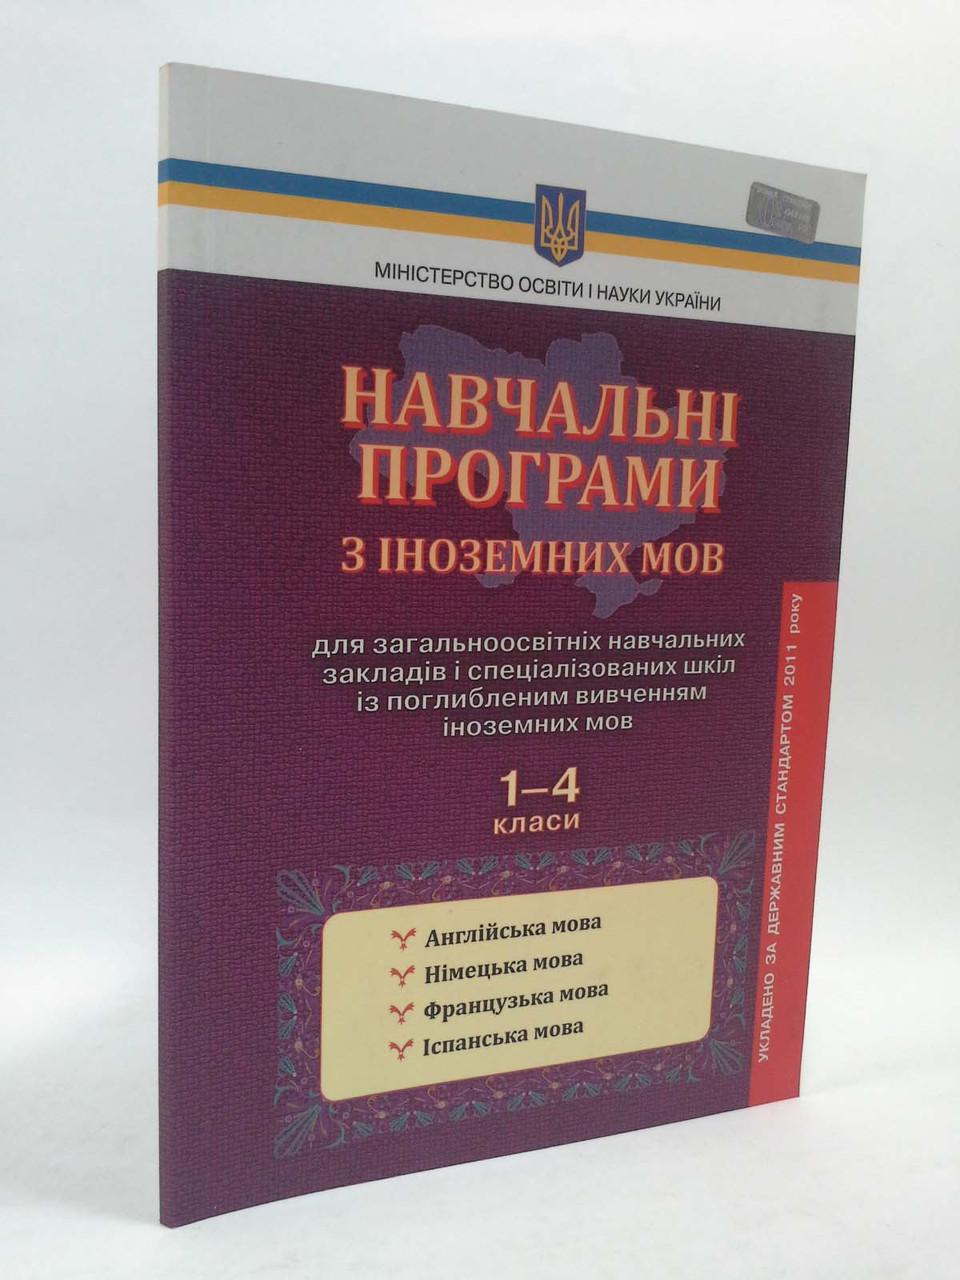 Освіта Навчальні програми 001-04 кл РУ Англ мова РУ Нім мова РУ Франц мова РУ Іспан мова